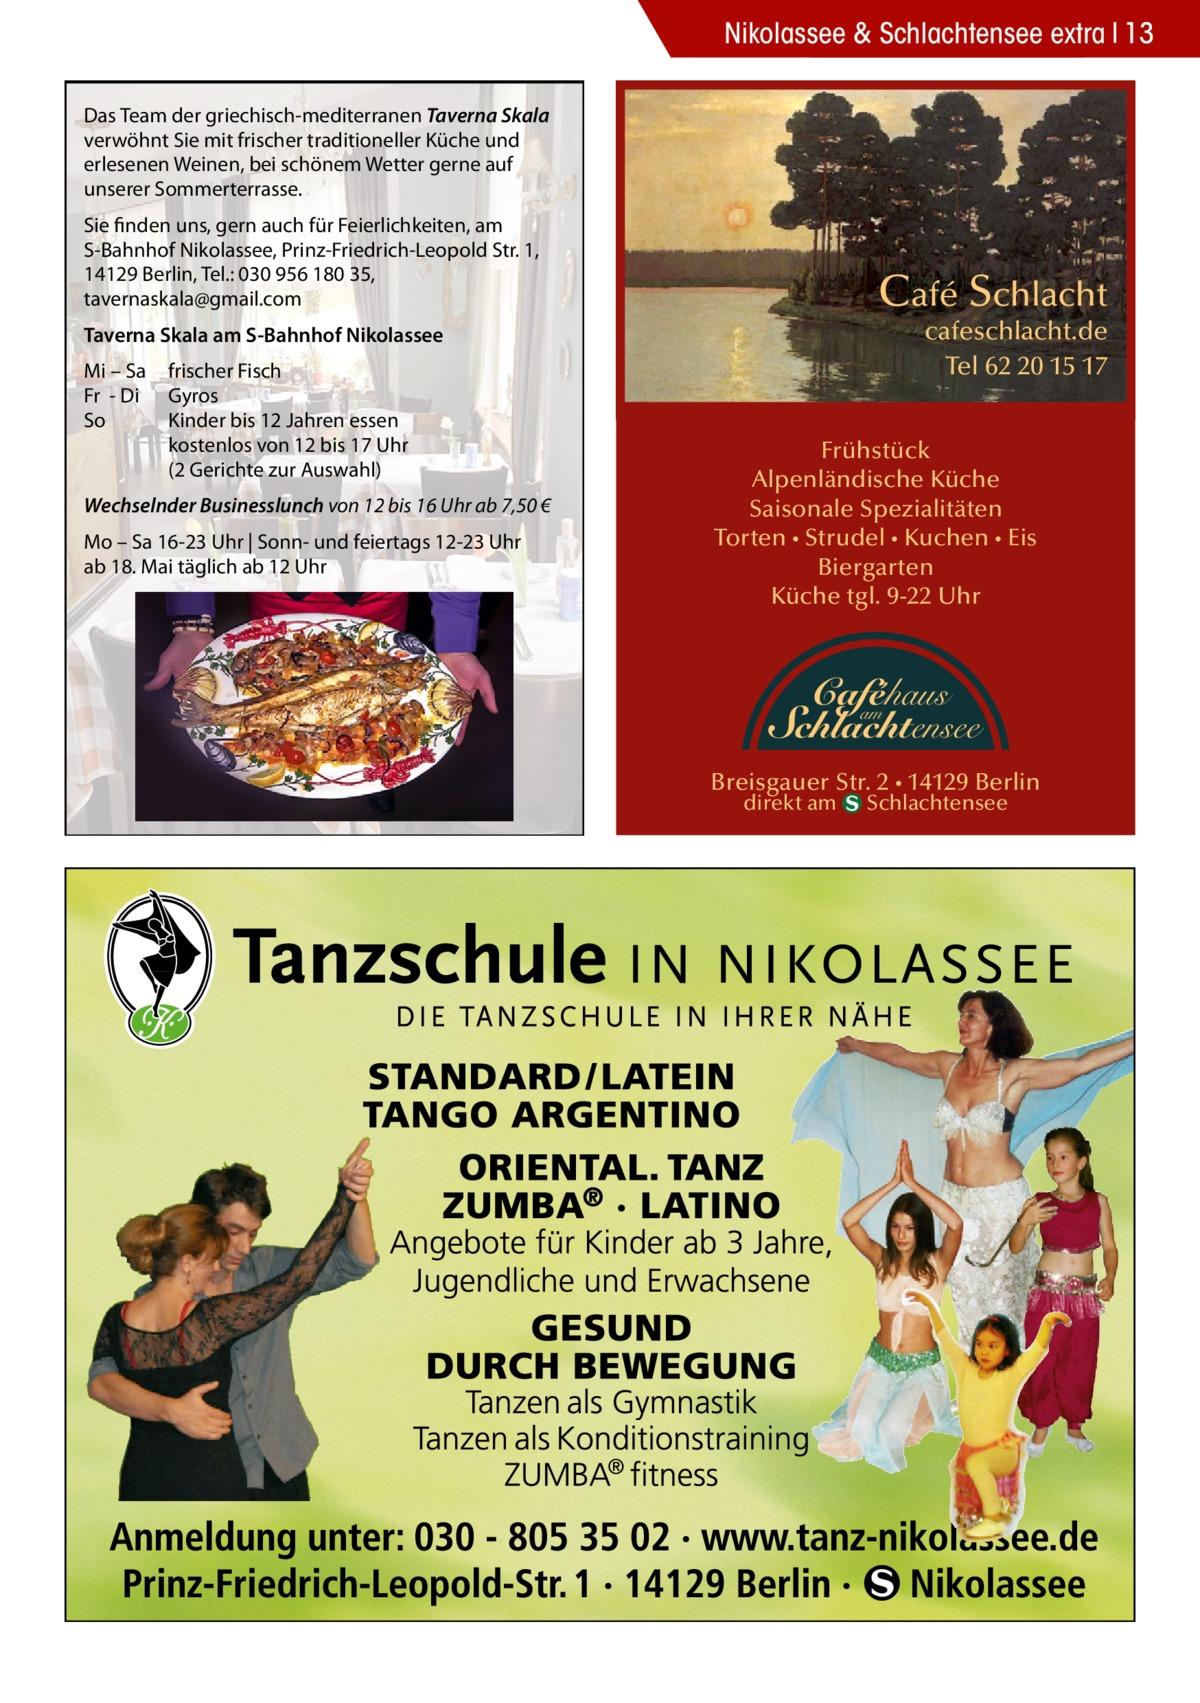 Nikolassee & Schlachtensee extra 13 Das Team der griechisch-mediterranen Taverna Skala verwöhnt Sie mit frischer traditioneller Küche und erlesenen Weinen, bei schönem Wetter gerne auf unserer Sommerterrasse. Sie finden uns, gern auch für Feierlichkeiten, am S-Bahnhof Nikolassee, Prinz-Friedrich-Leopold Str. 1, 14129 Berlin, Tel.: 030 956 180 35, tavernaskala@gmail.com  Café Schlacht  cafeschlacht.de Tel 62 20 15 17  Taverna Skala am S-Bahnhof Nikolassee Mi – Sa Fr - Di So  frischer Fisch Gyros Kinder bis 12 Jahren essen kostenlos von 12 bis 17 Uhr (2 Gerichte zur Auswahl)  Wechselnder Businesslunch von 12 bis 16 Uhr ab 7,50 € Mo – Sa 16-23 Uhr | Sonn- und feiertags 12-23 Uhr ab 18. Mai täglich ab 12 Uhr  Frühstück Alpenländische Küche Saisonale Spezialitäten Torten • Strudel • Kuchen • Eis Biergarten Küche tgl. 9-22 Uhr  Caféhaus  am Schlachtensee  Breisgauer Str. 2 • 14129 Berlin direkt am  Schlachtensee